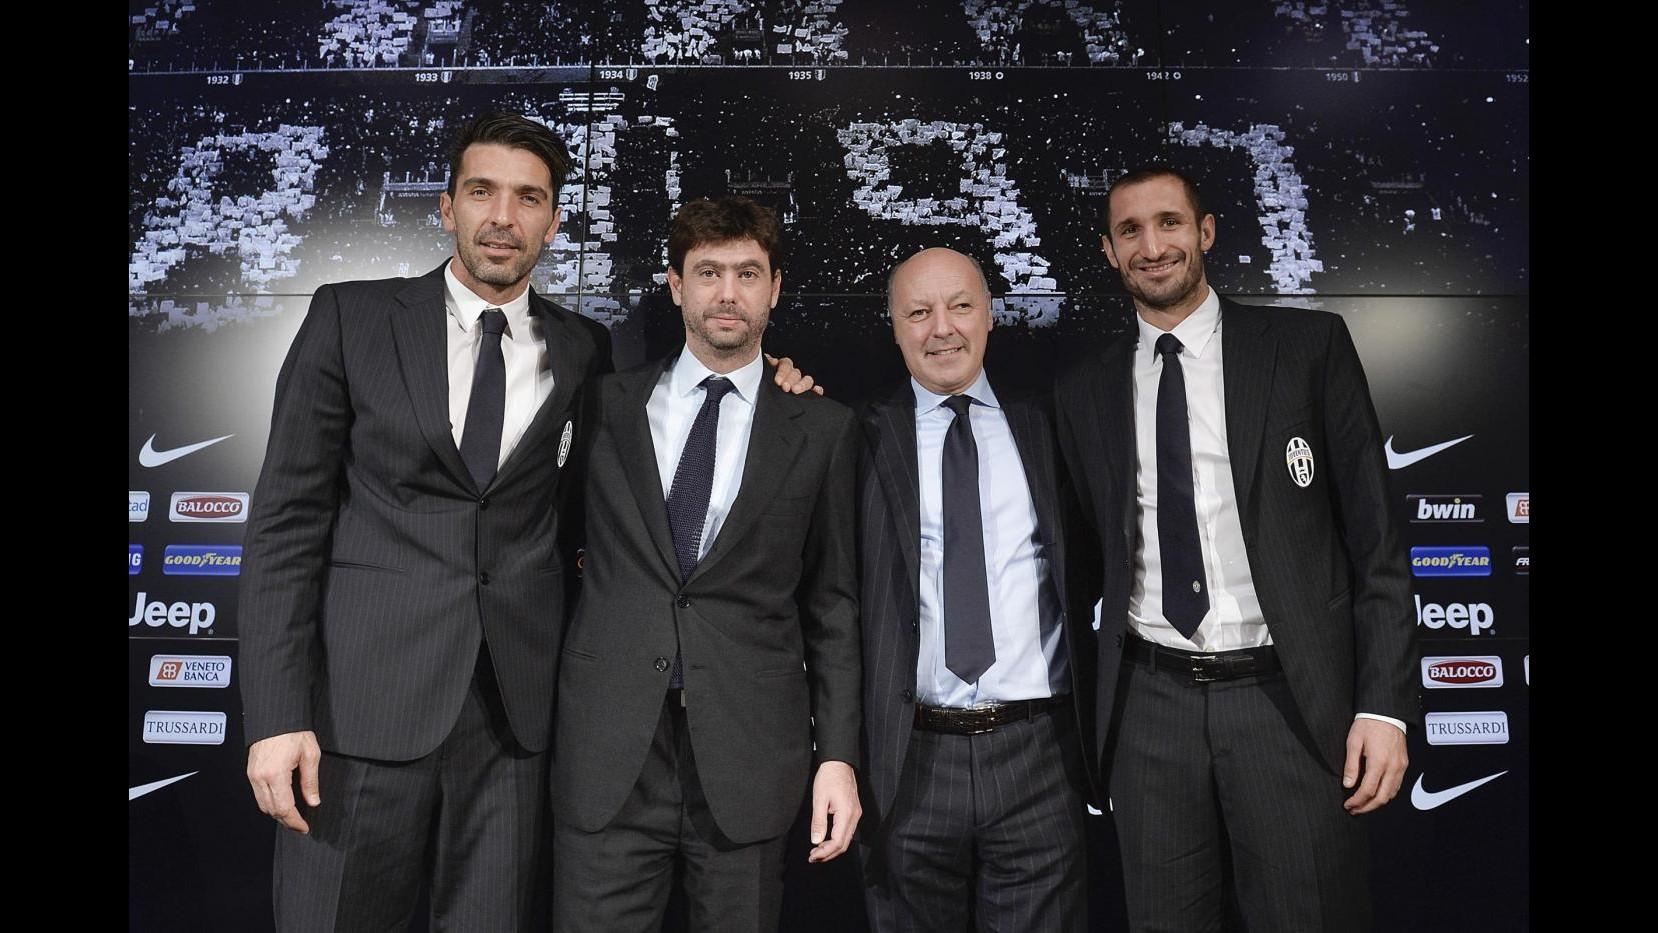 Juventus, Buffon e Chiellini: Rammarico per aver mancato finale Europa League